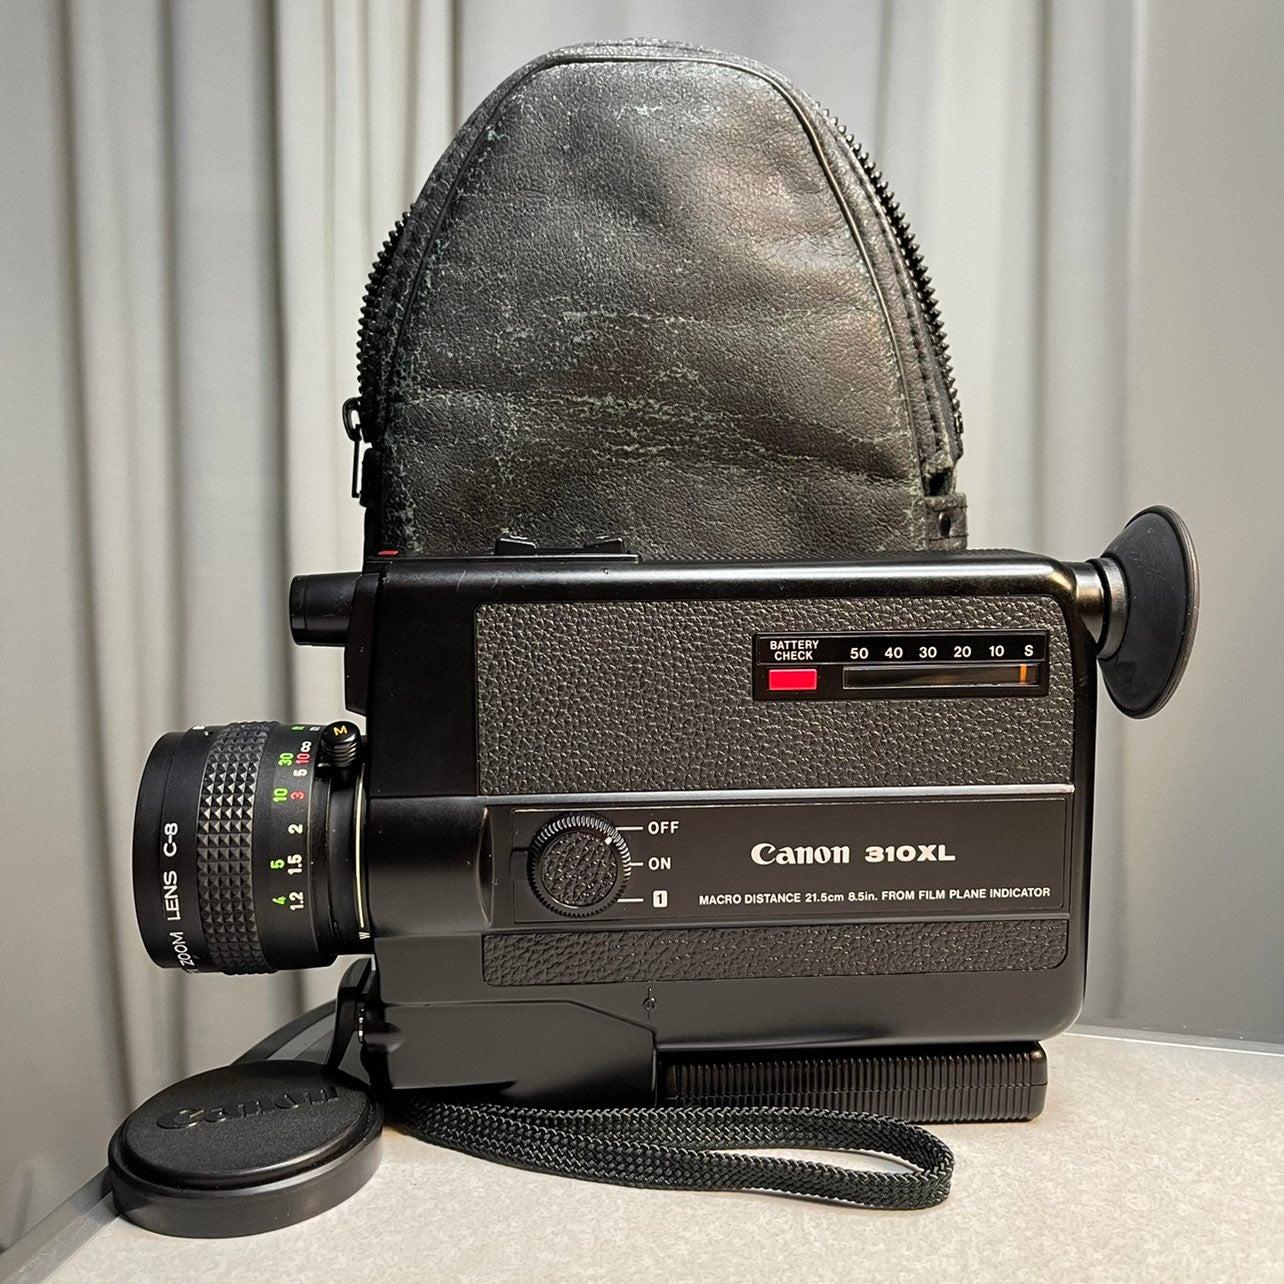 1975 Canon 310XL Super 8 Type 8mm Camera